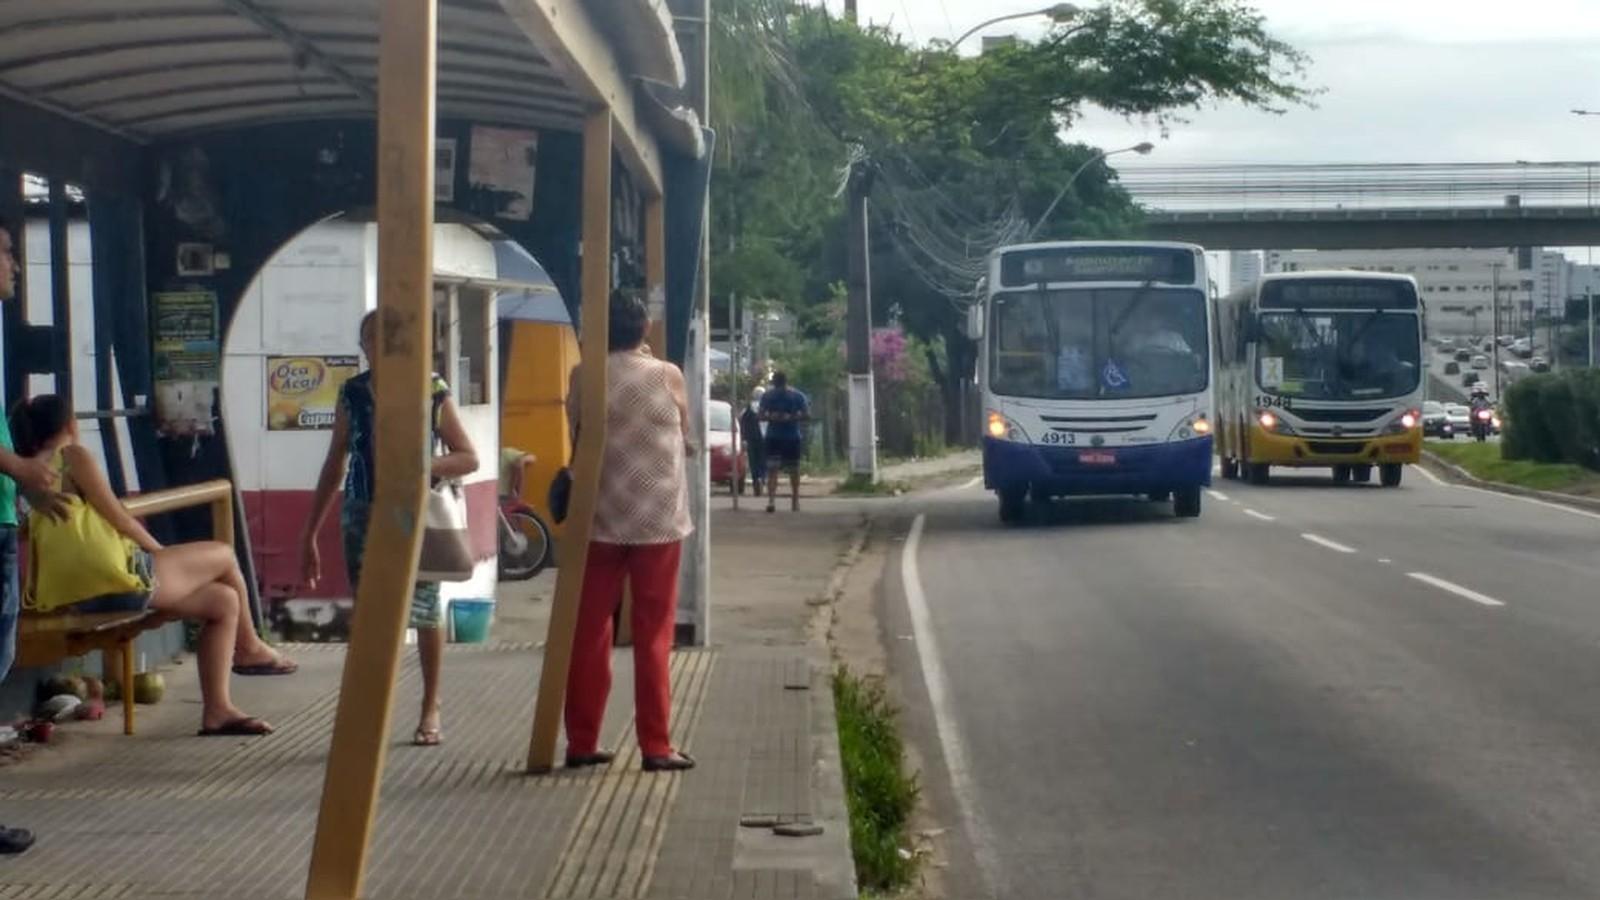 Prefeito anuncia suspensão do aumento da passagem de ônibus em Natal